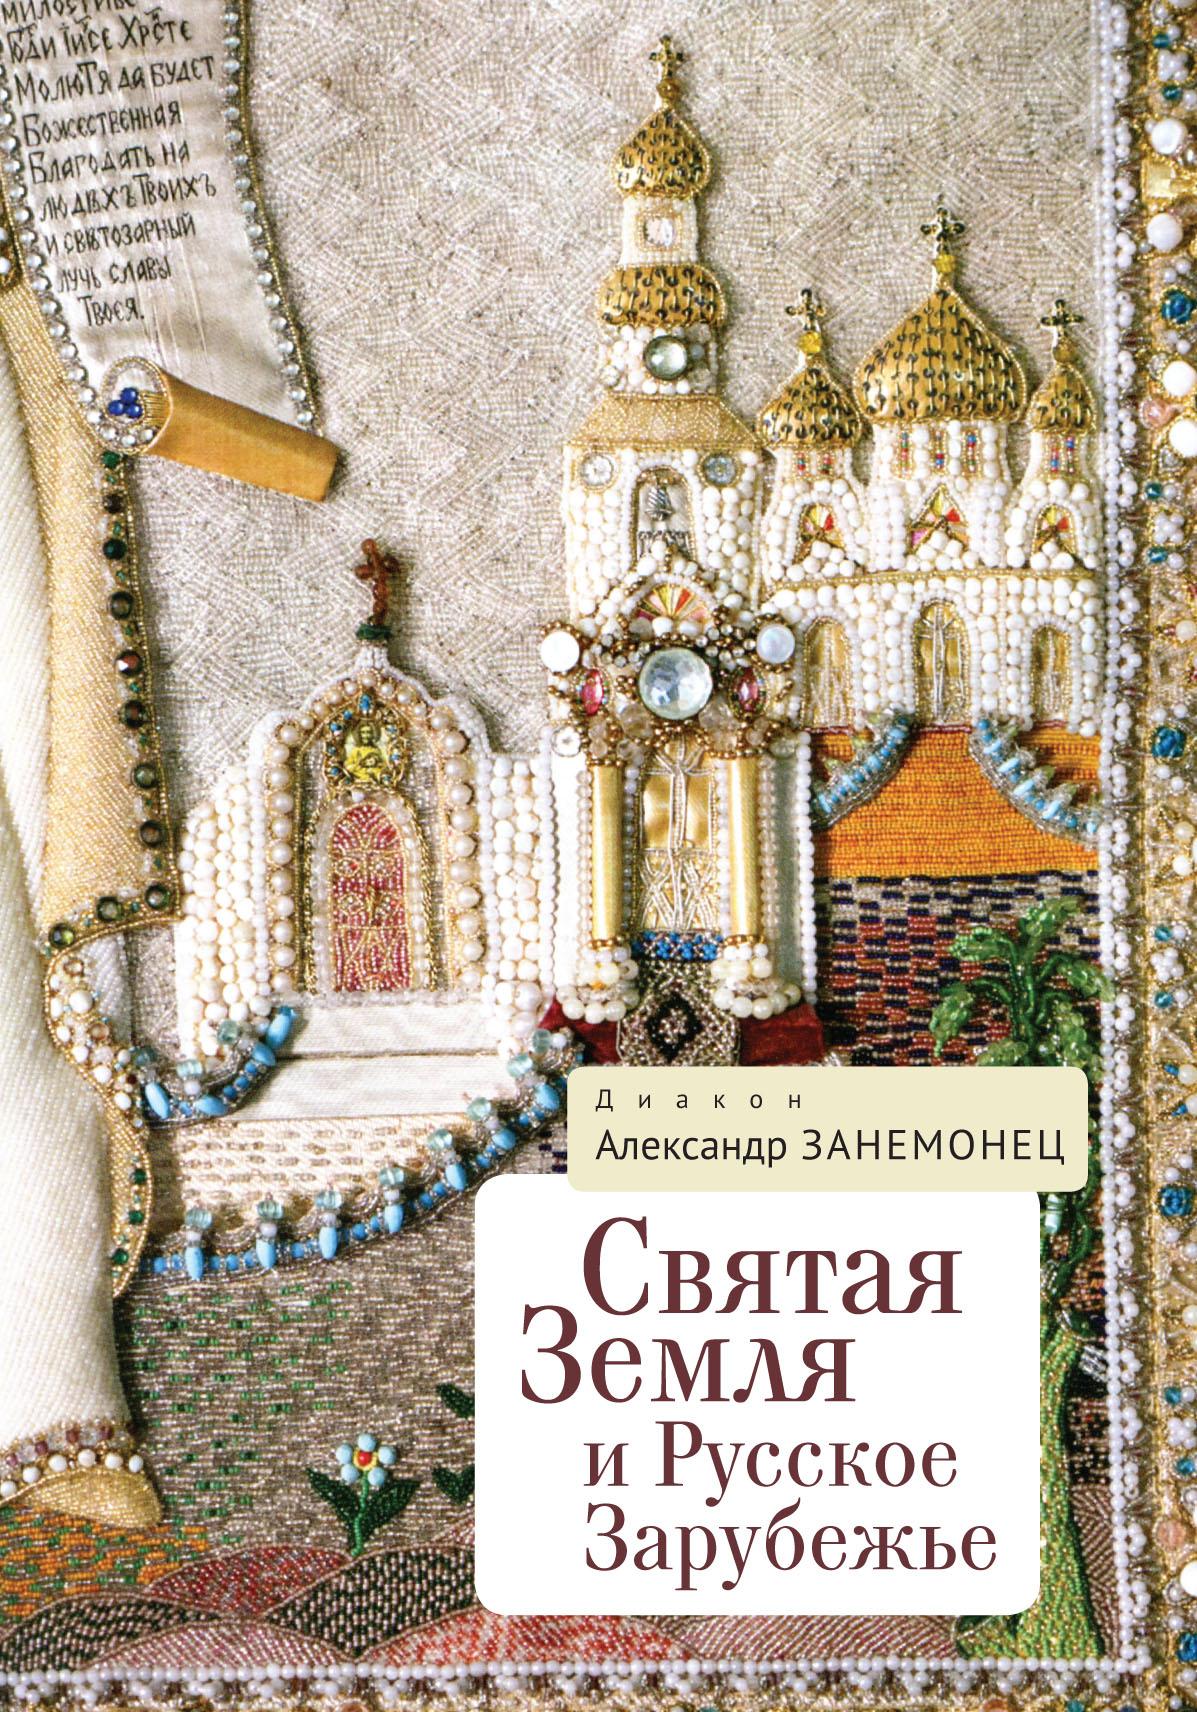 Святая Земля и Русское Зарубежье